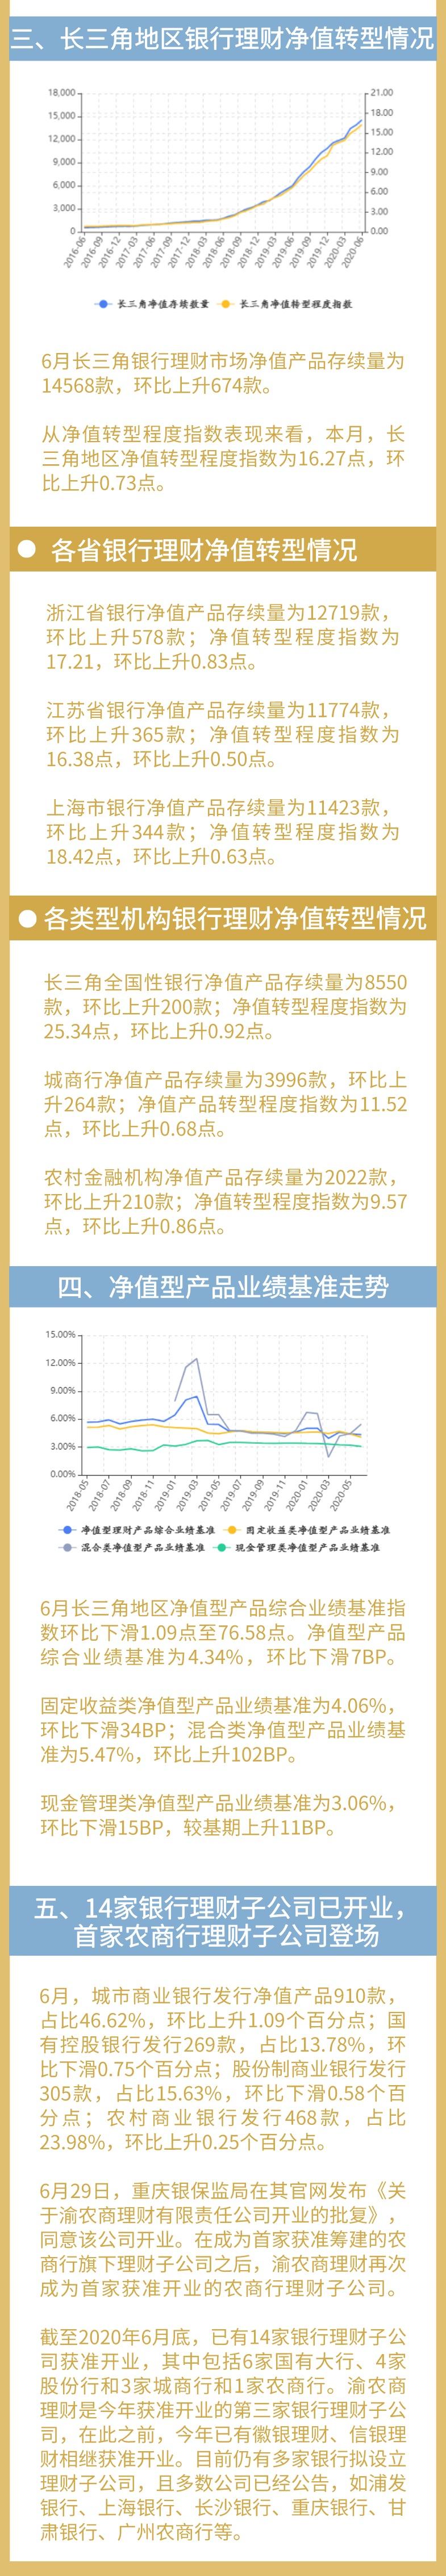 6月长三角地区银行理财收益率下滑至3.55%,发行量持续上升